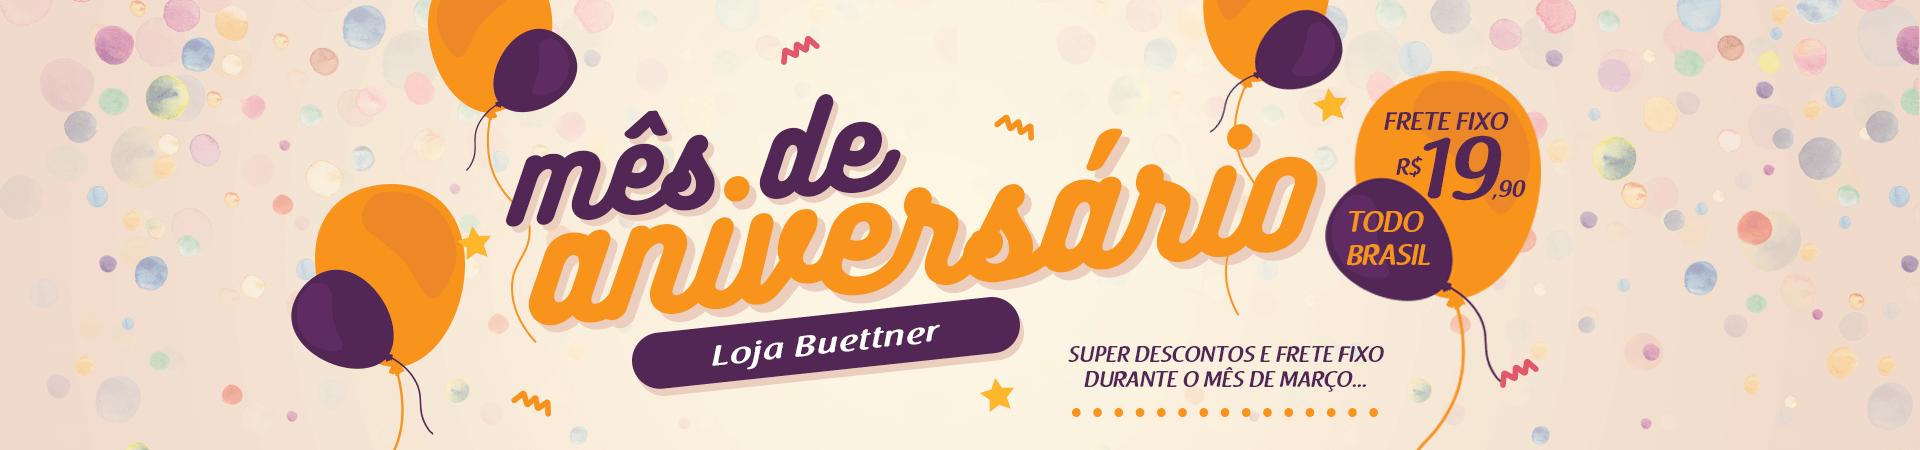 Mês de Aniversário Loja Buettner. Super Descontos durante todo o mês de Março!  >> Loja Buettner   Aproveite!